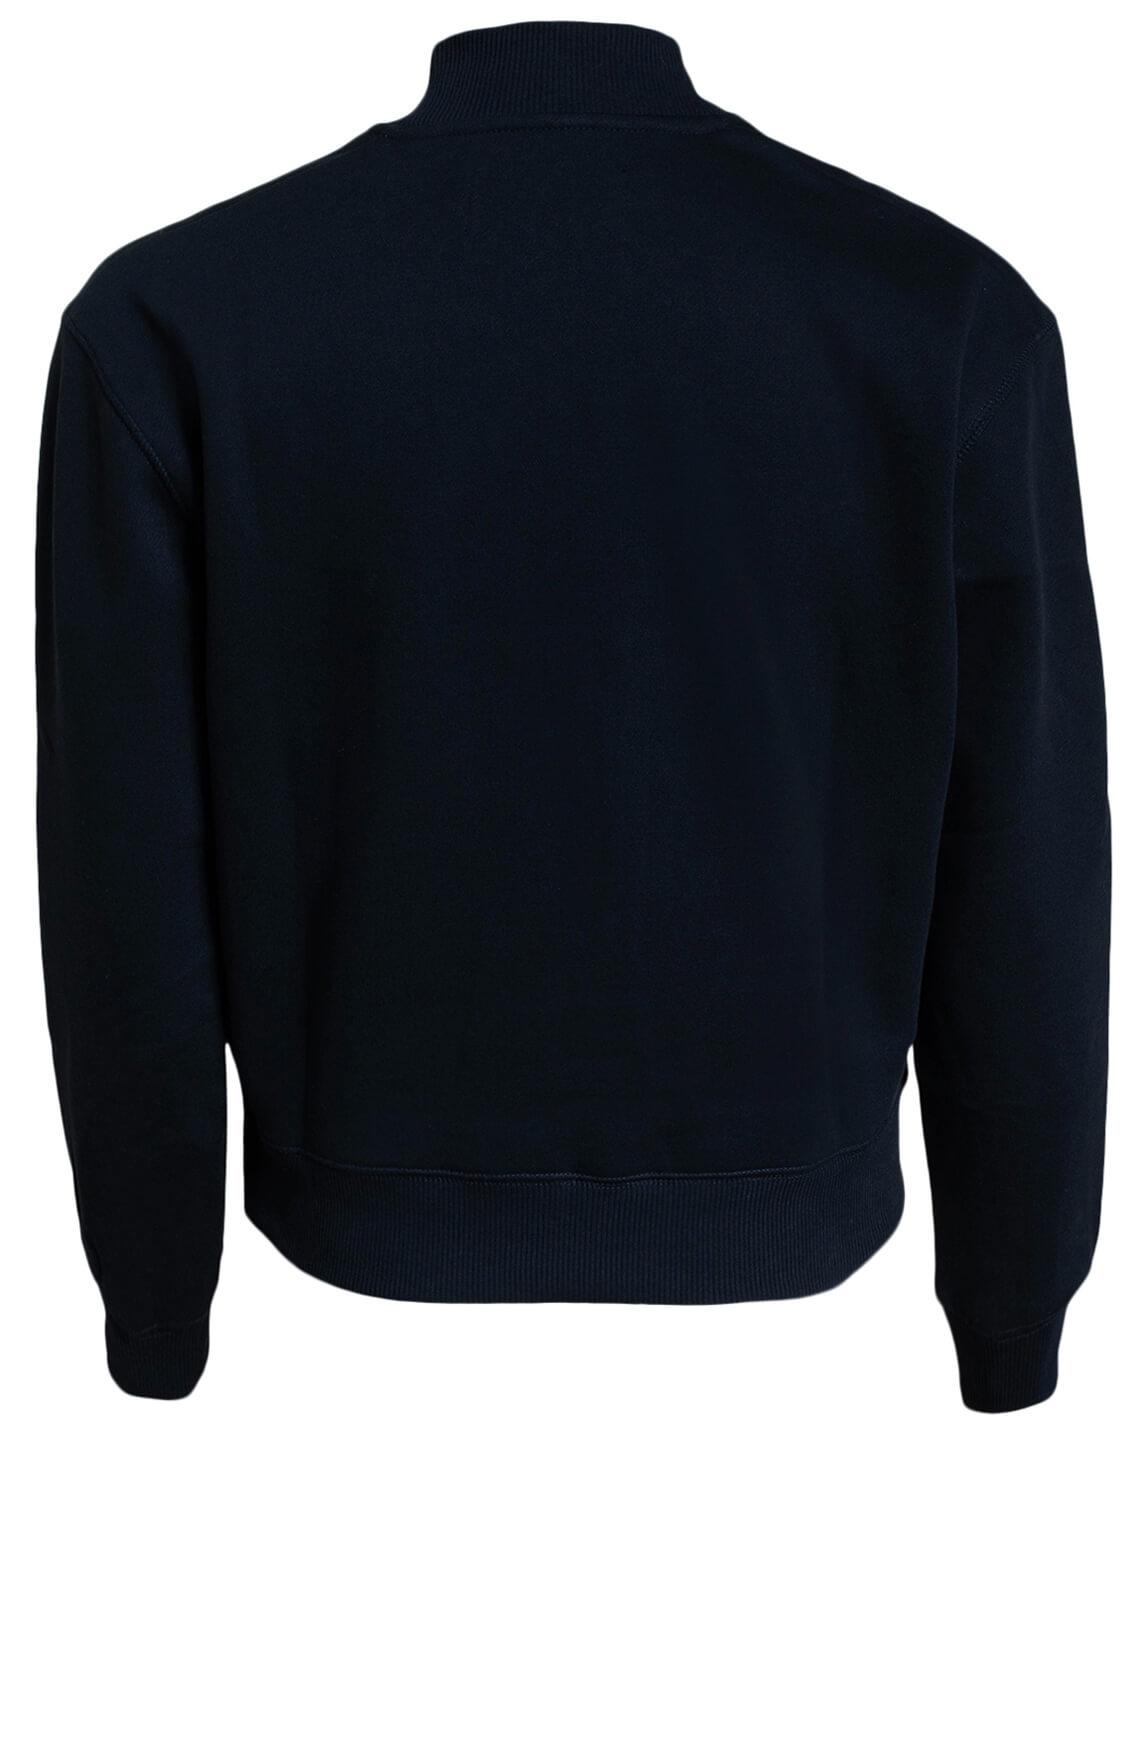 Calvin Klein Dames Sweater met opdruk zwart